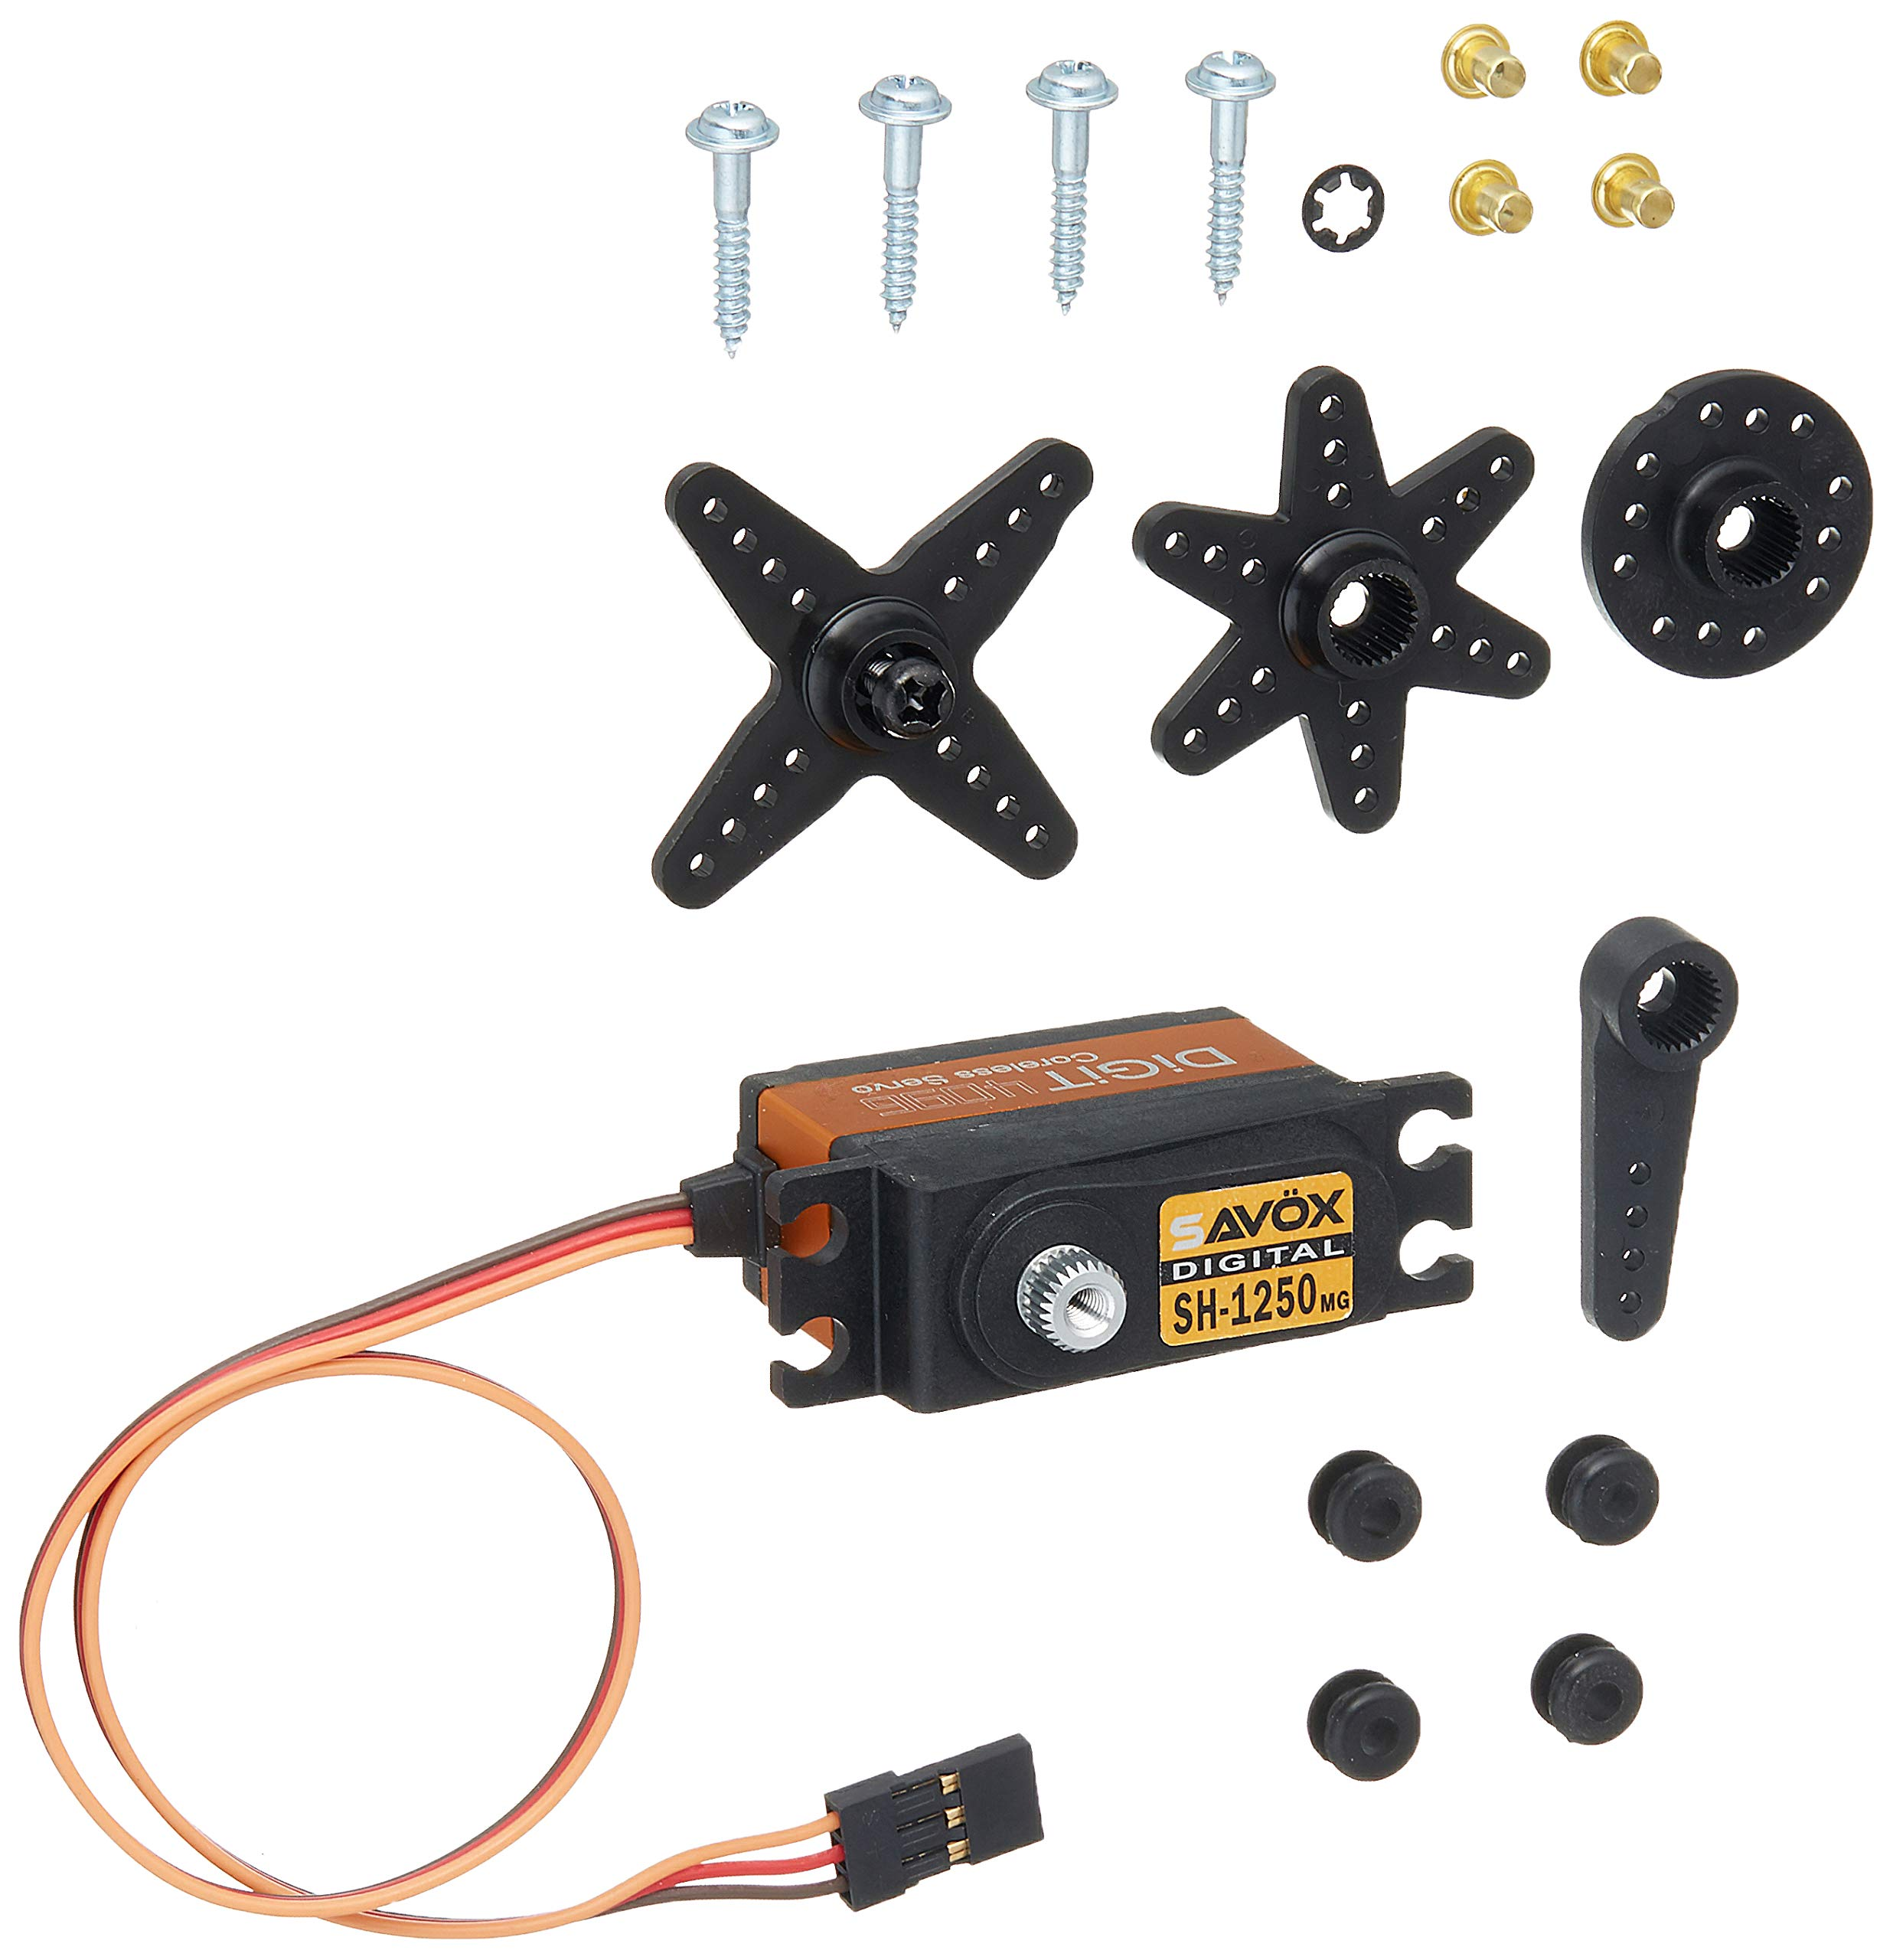 Savox SH-1250MG Super Torque Metal Gear Mini Digital Servo